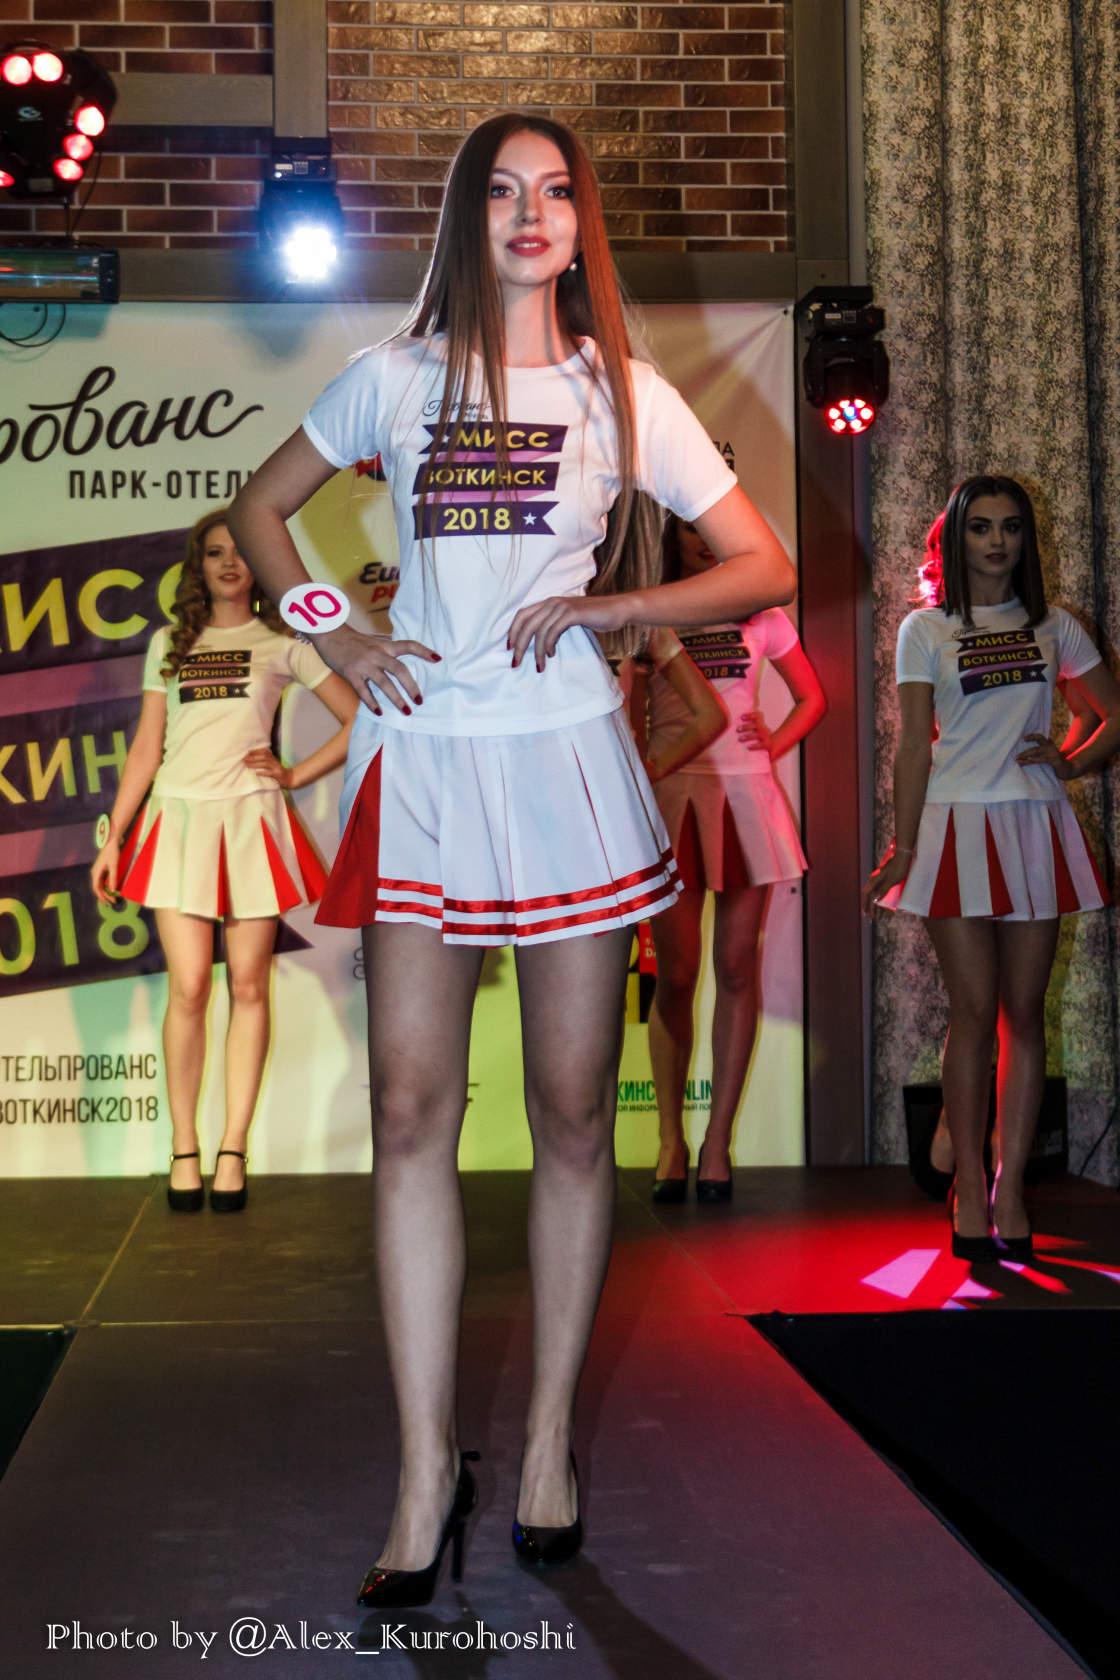 Девушки модели в воткинск вакансии в нижнем новгороде без опыта работы для девушек